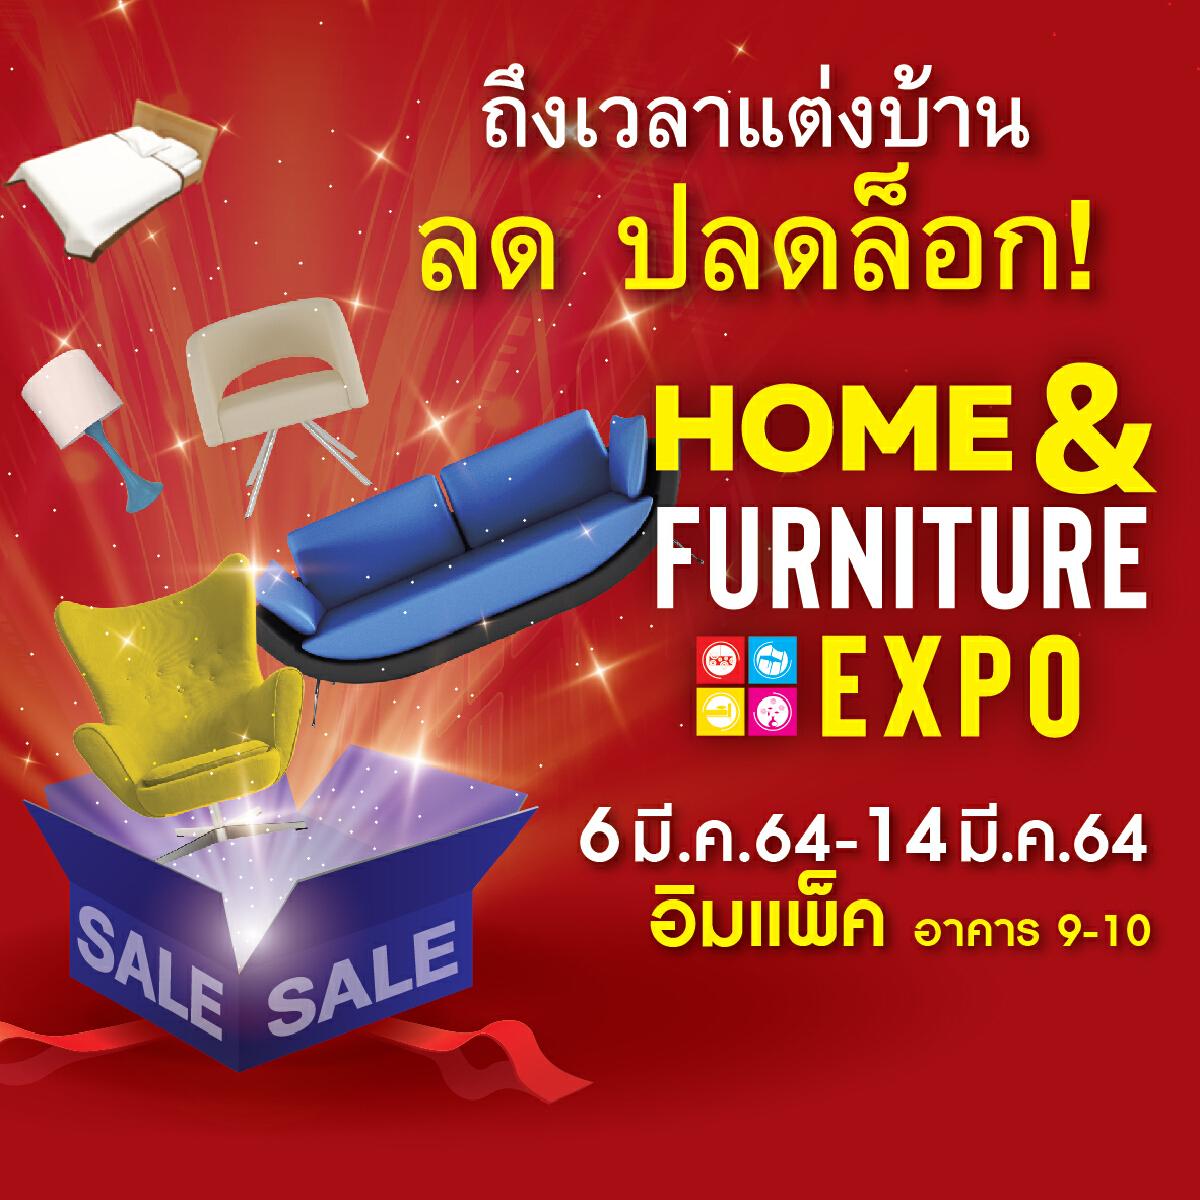 ยูเนี่ยนแพนดึง250บริษัทจัดงาน Home&Furniture Expo ปลุกกำลังซื้อต้นปี